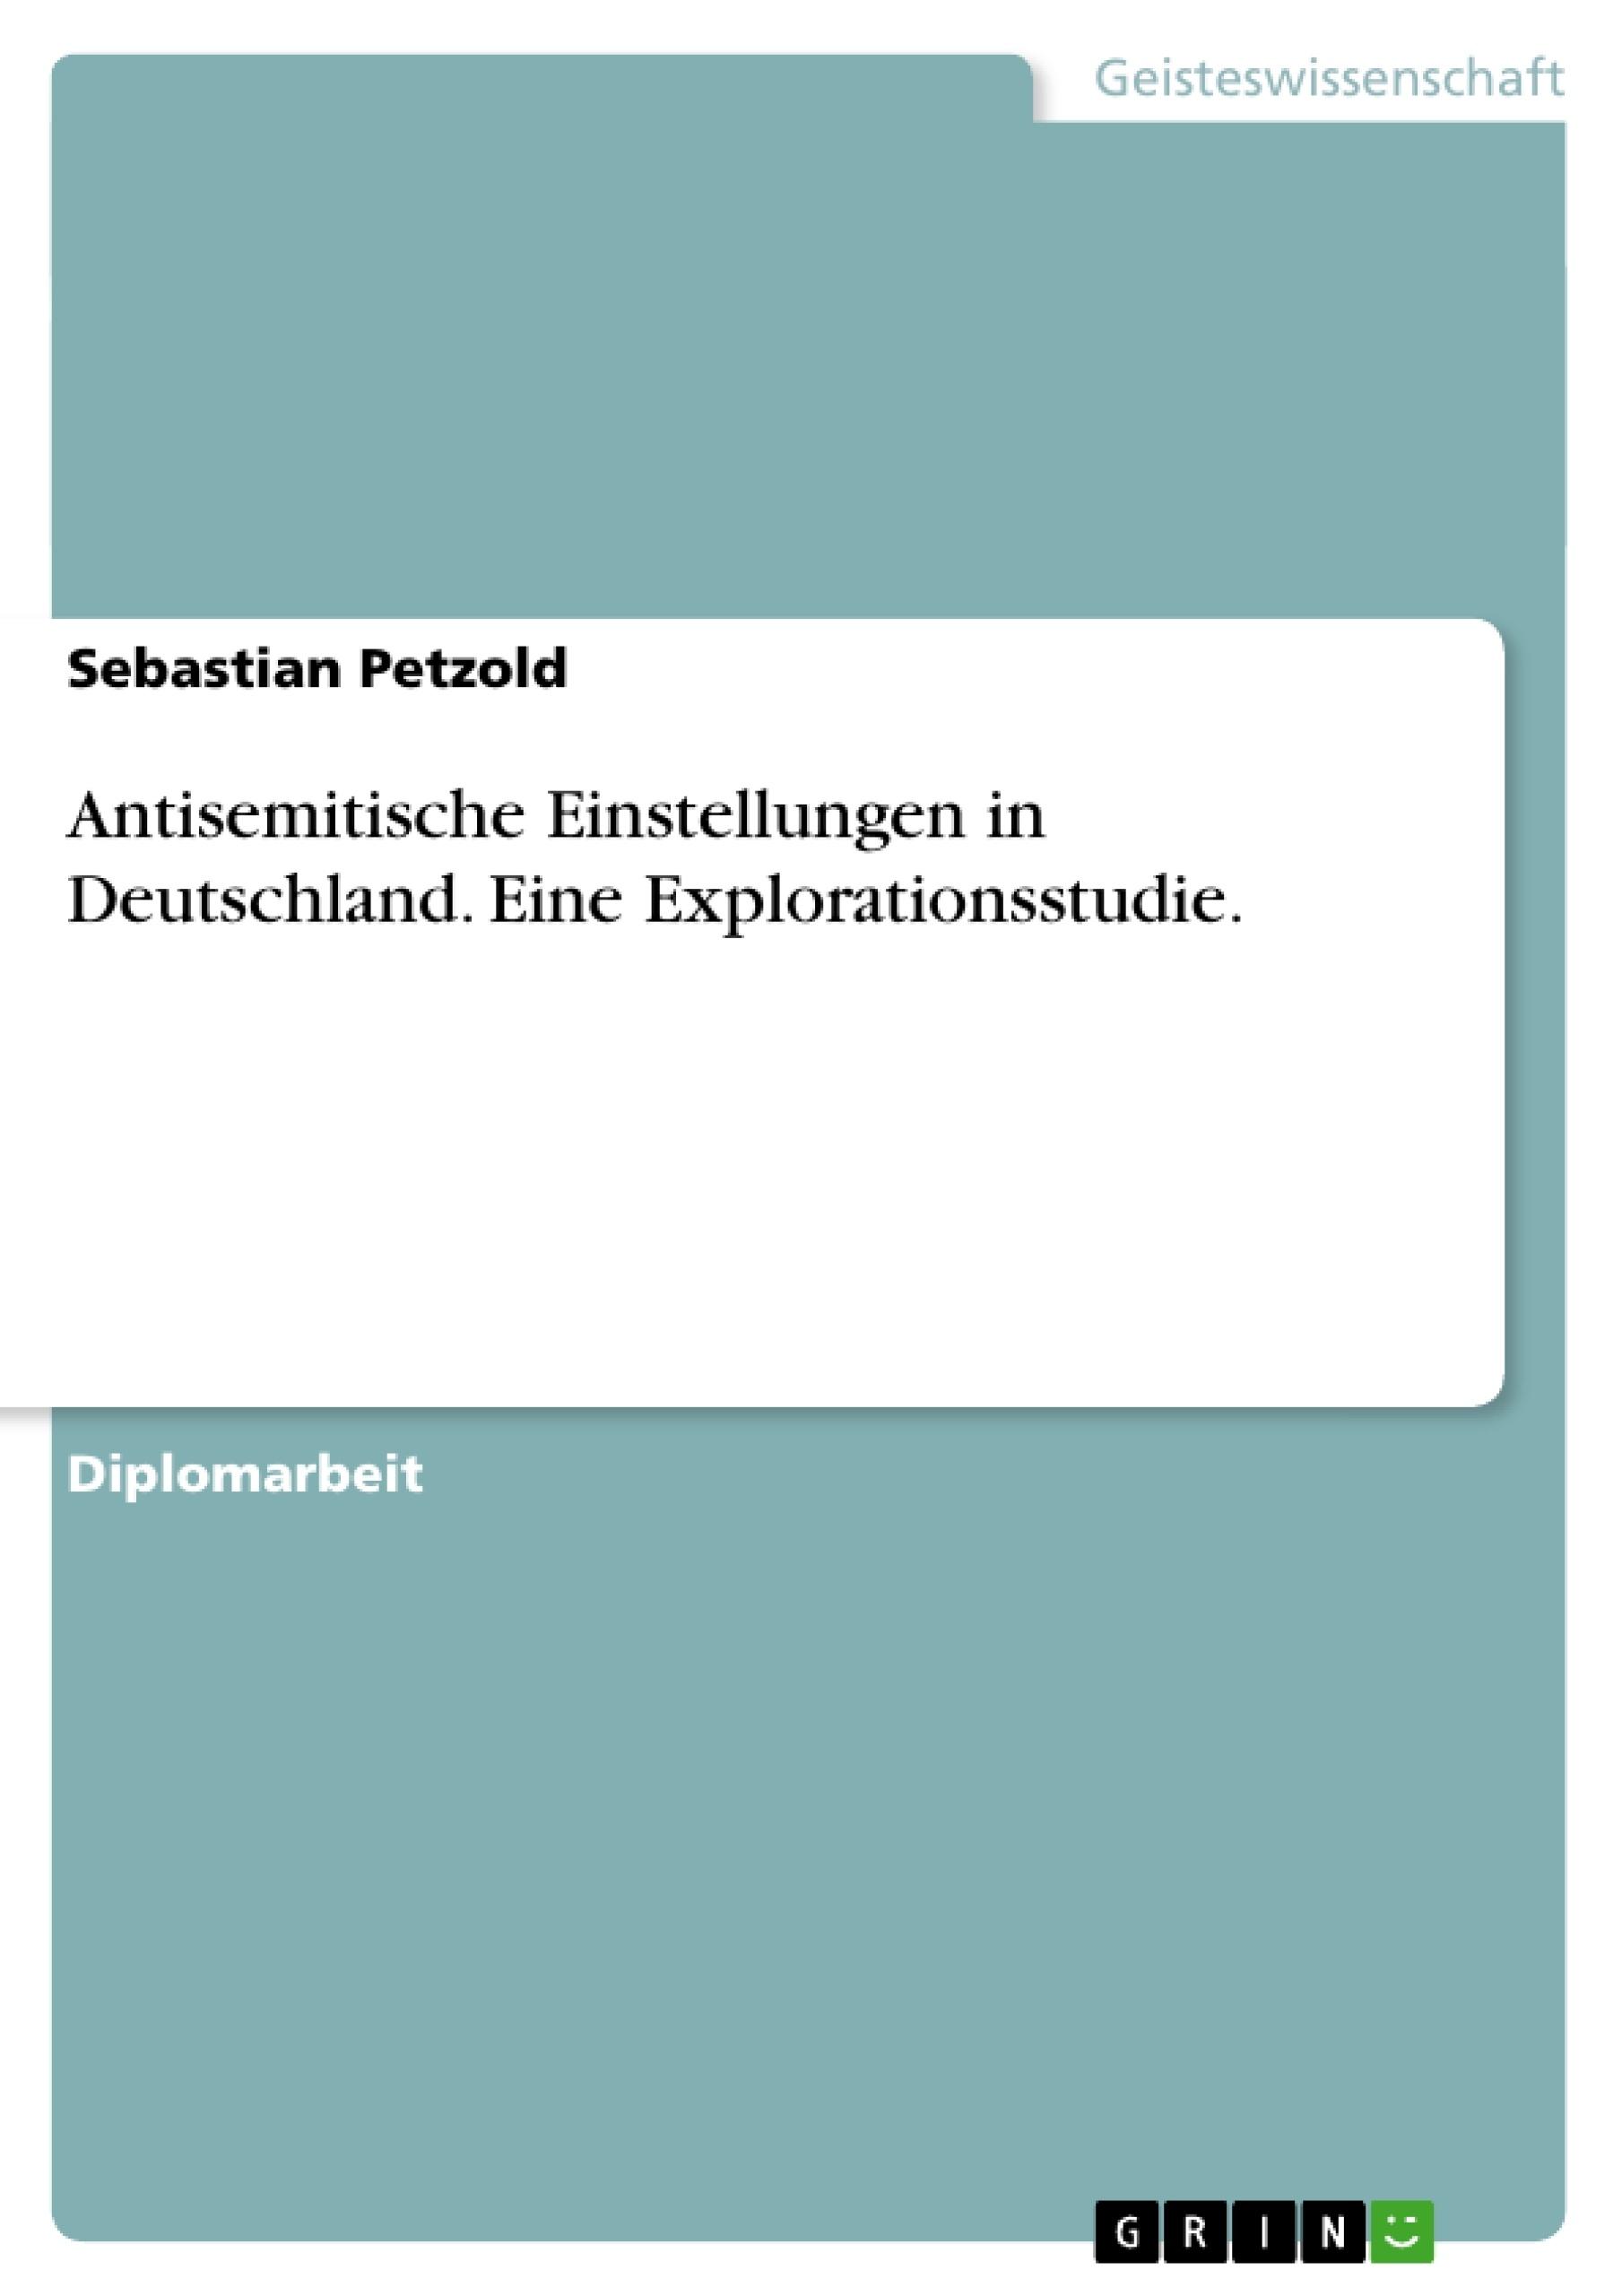 Titel: Antisemitische Einstellungen in Deutschland. Eine Explorationsstudie.